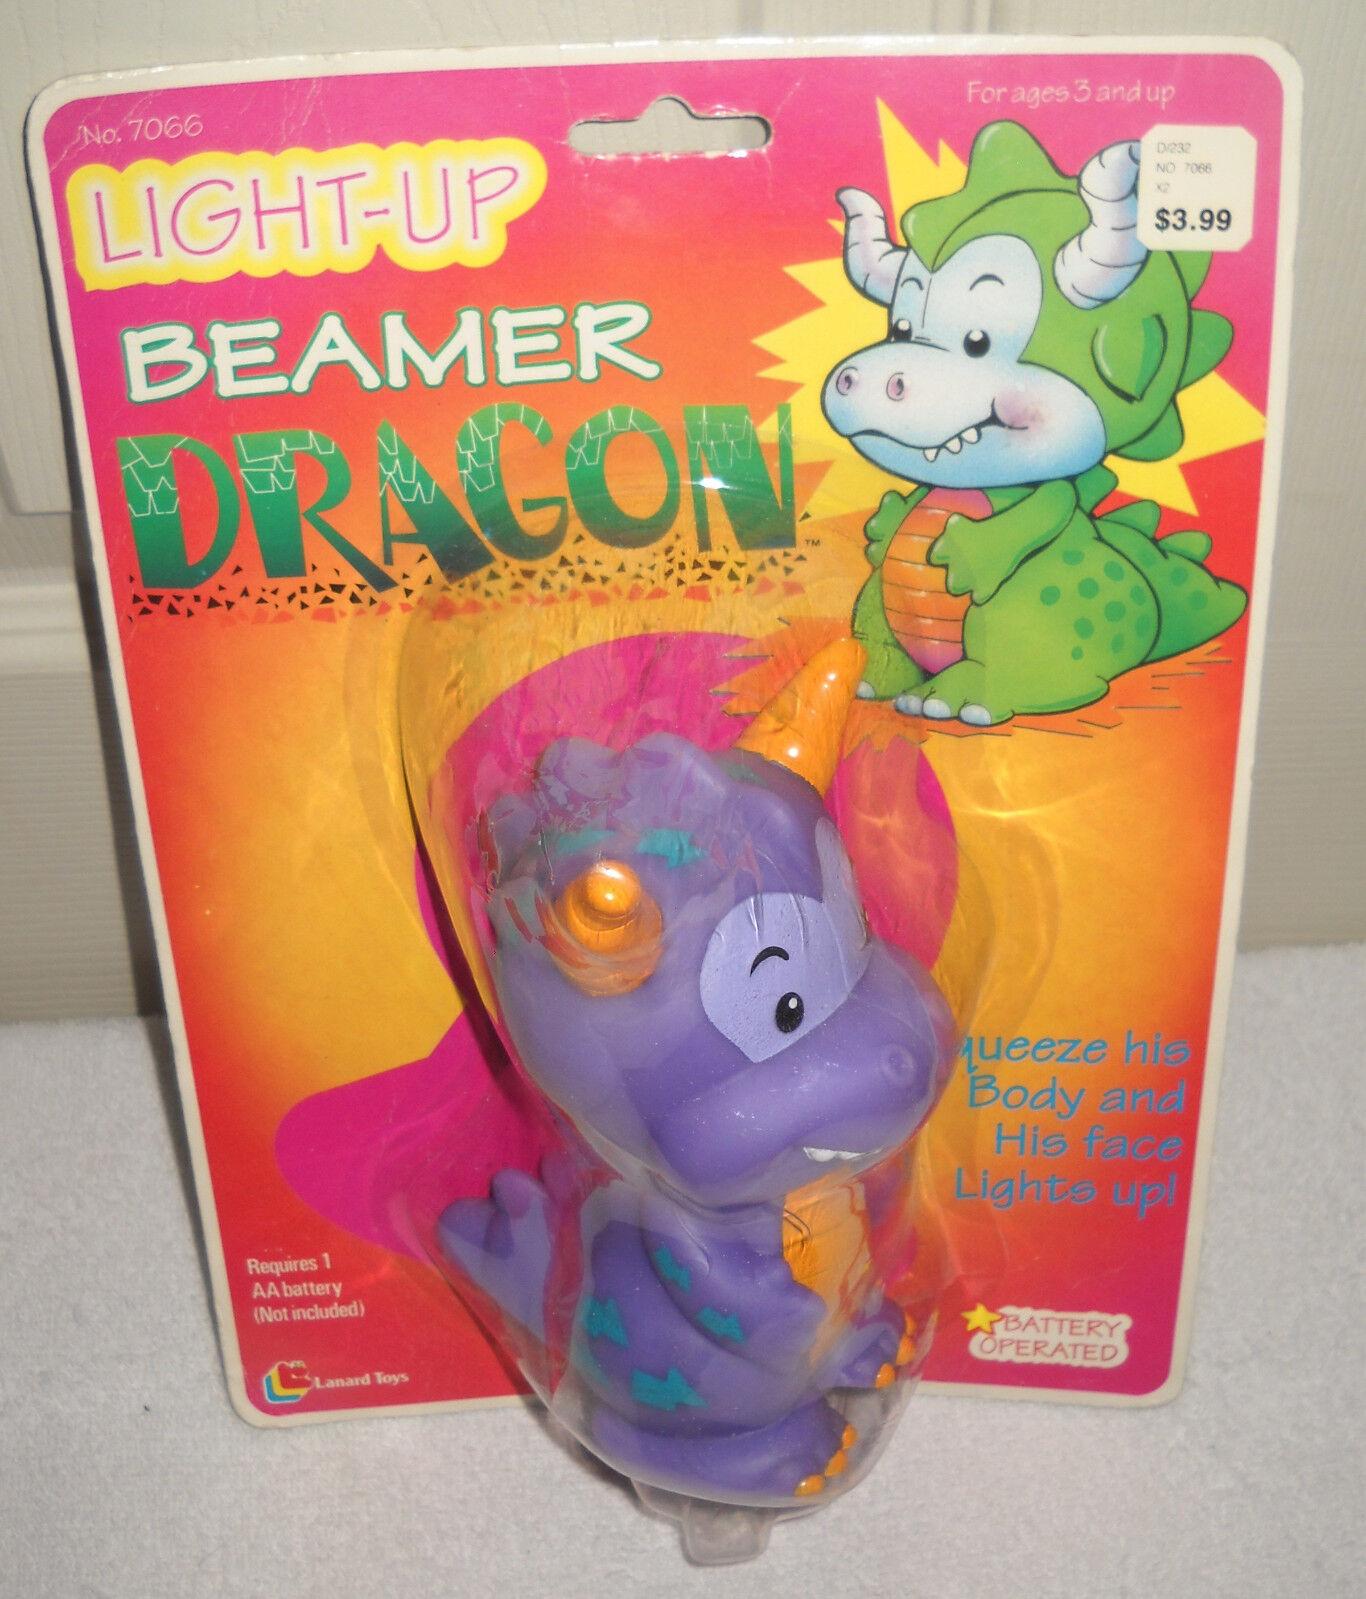 9394 Raro nrfc Vintage Lanard Luz Beamer Dragon